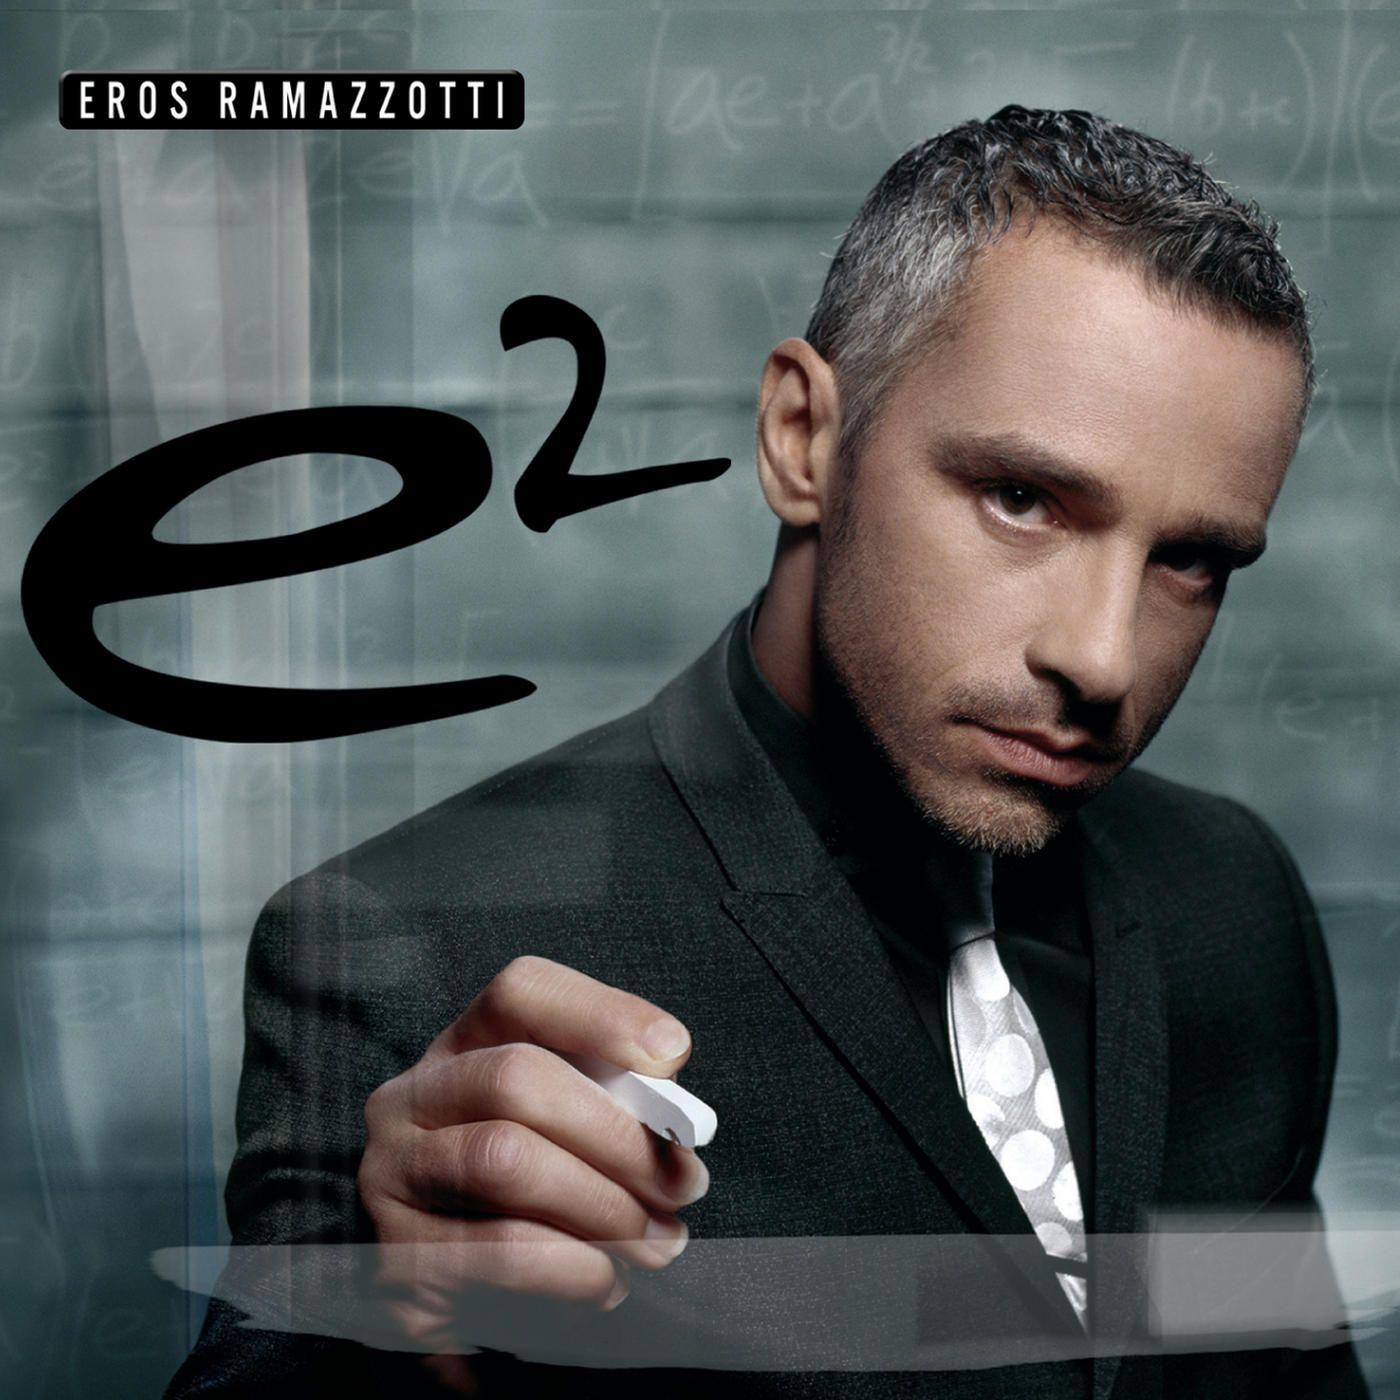 Eros Ramazzotti - e² album cover